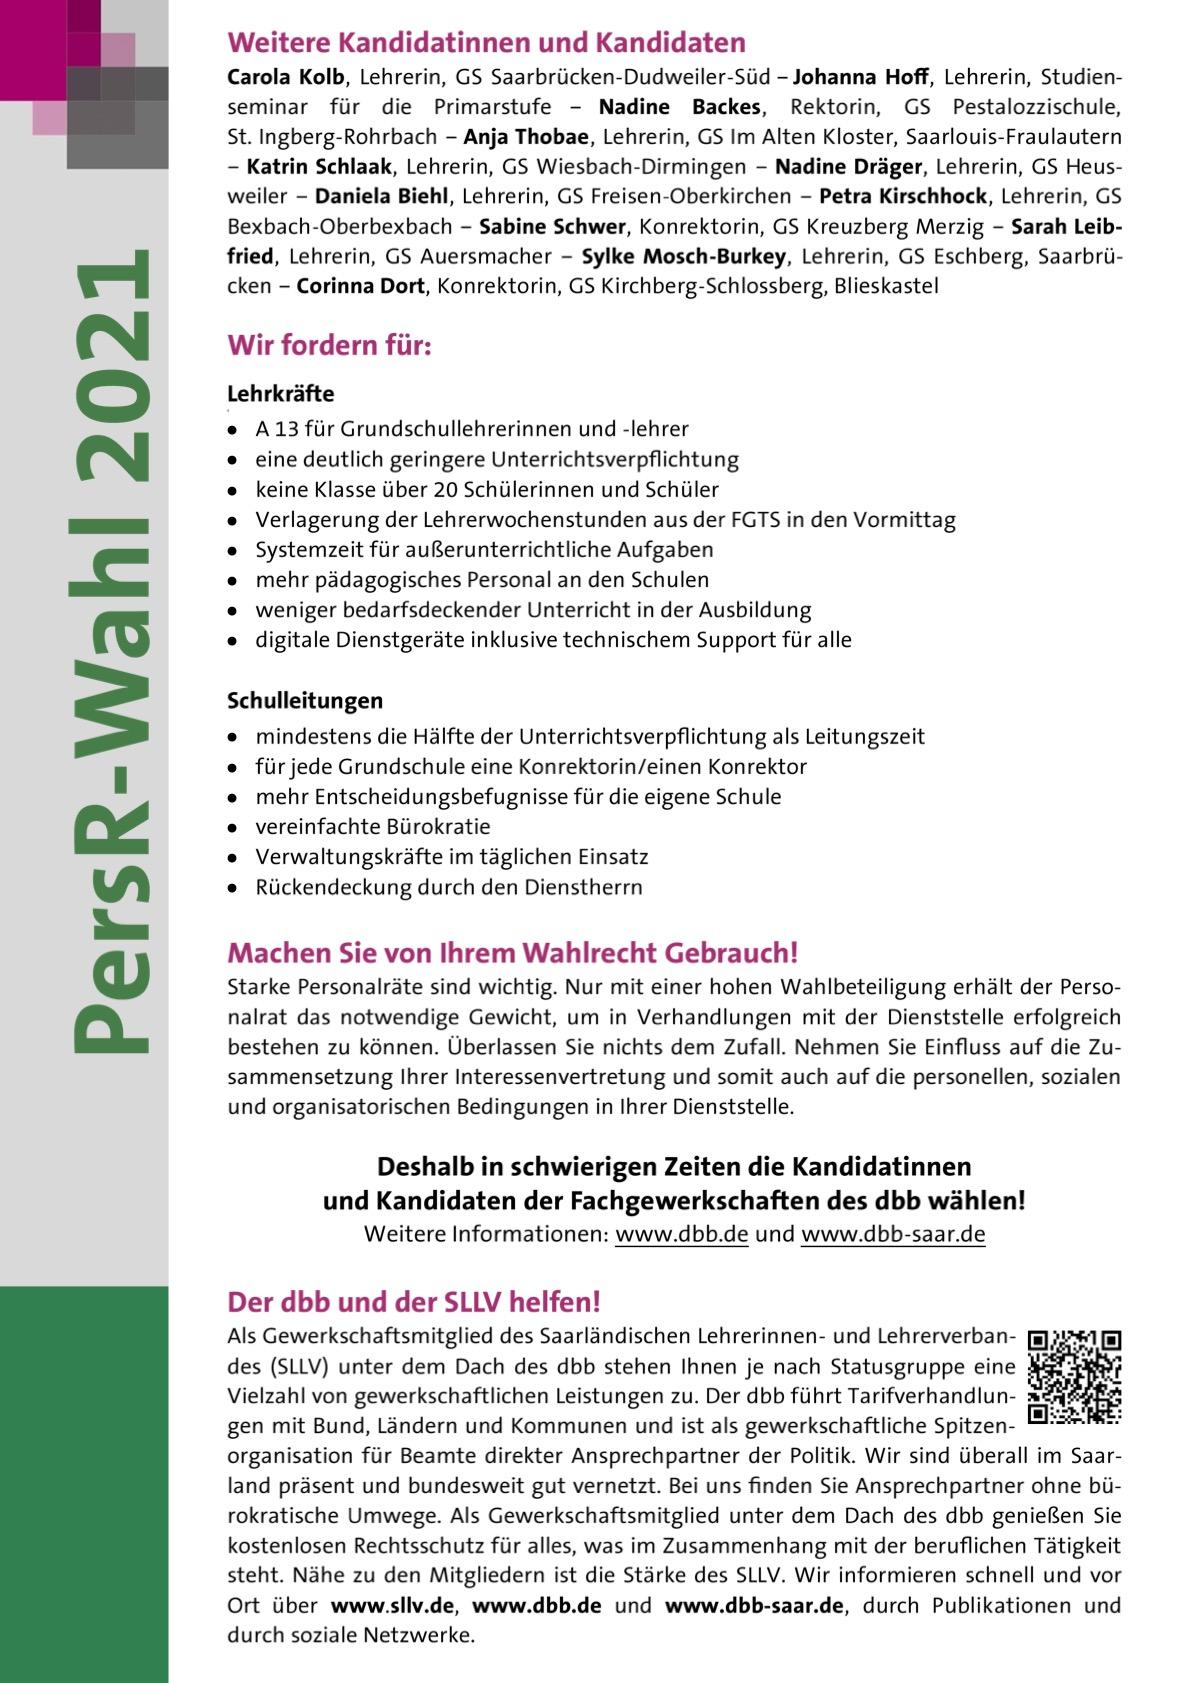 22_SLLV_HPR-Grundschule_Flugblatt_PersR_Wahl_02